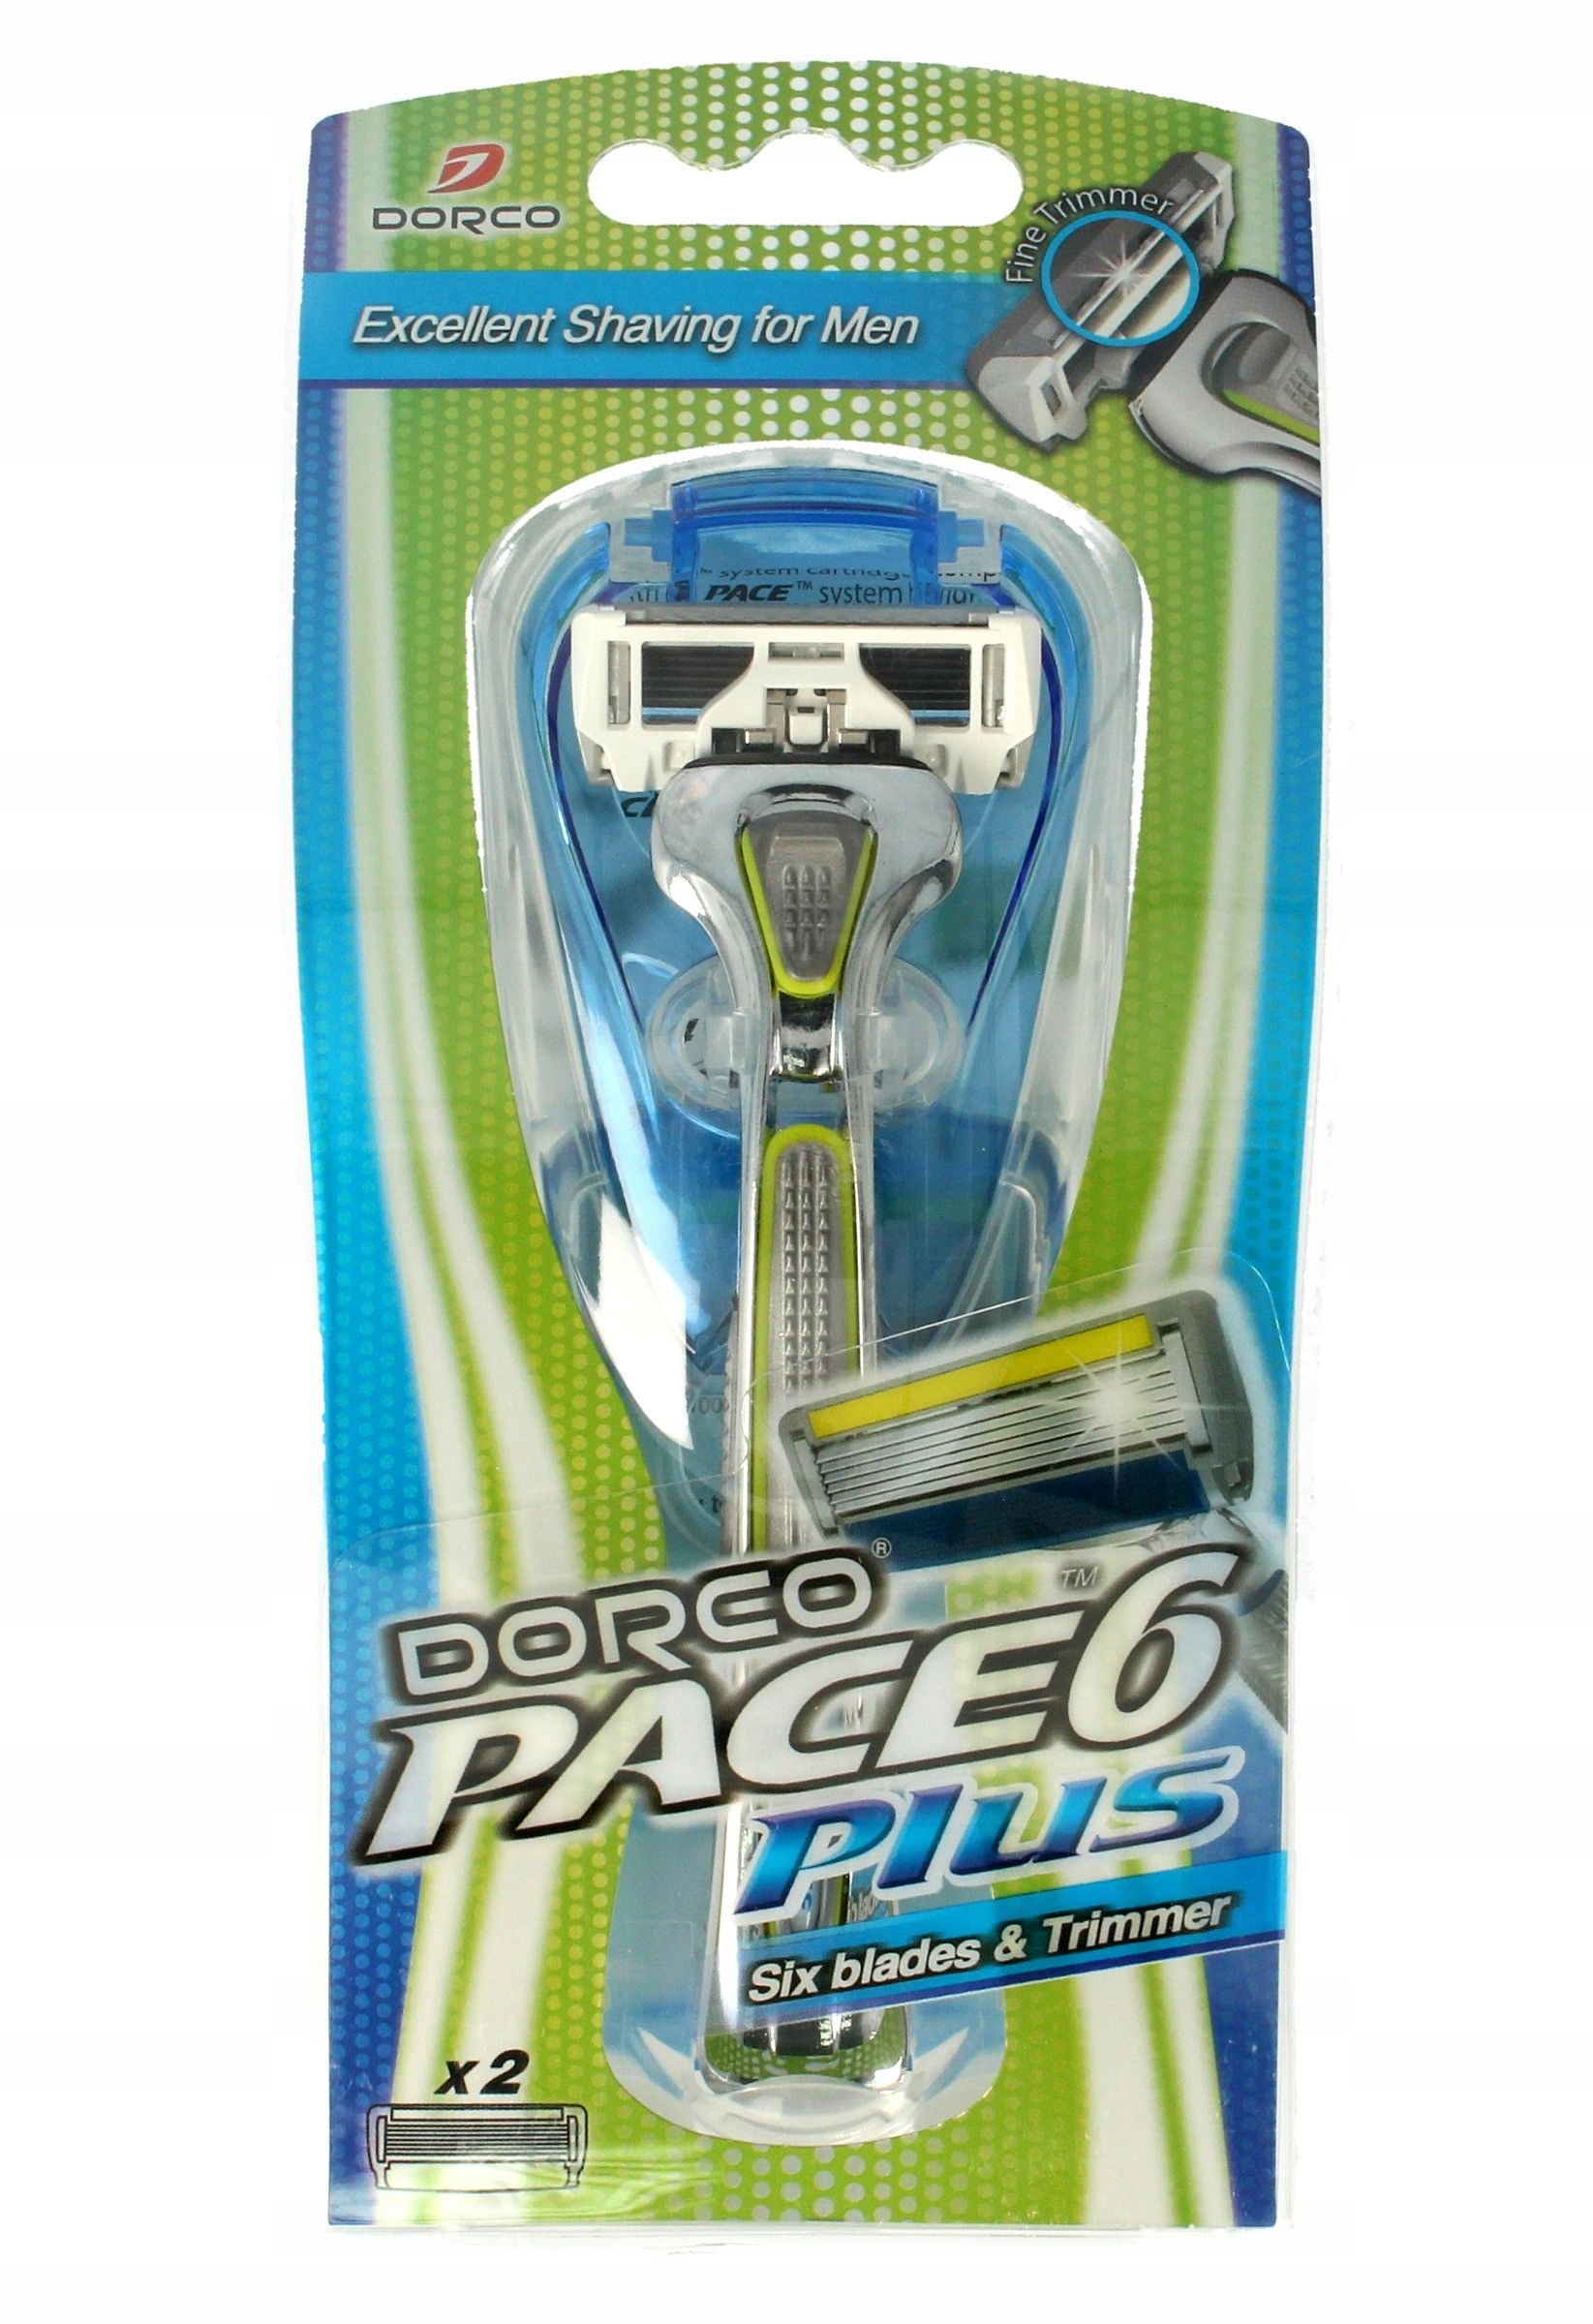 Dorco Pace 6 Plus Maszynka systemowa męska - 6 ost